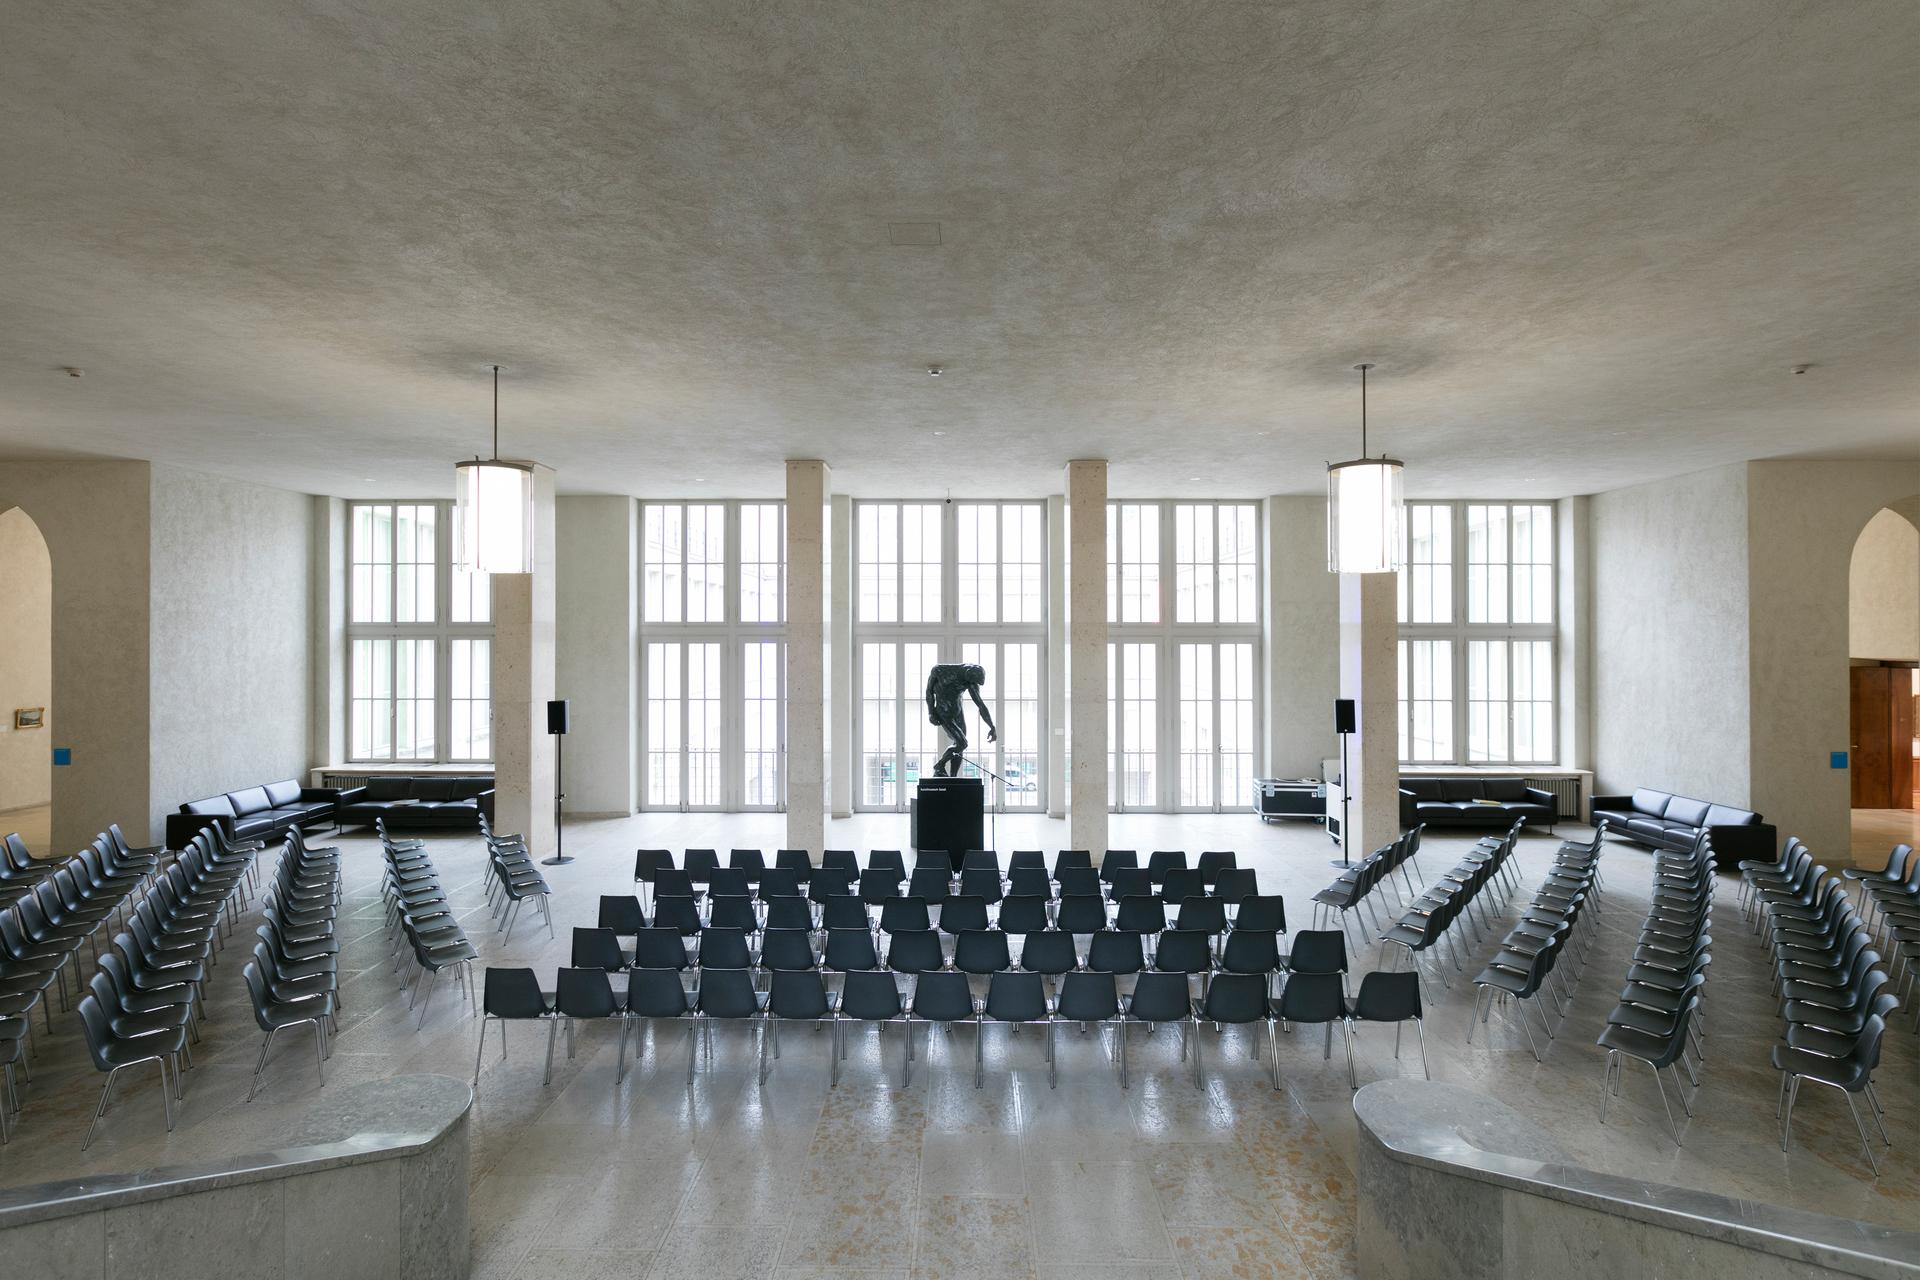 ...oder Vortrag - im Foyer im ersten Stock des Hauptbaus befinden Sie sich inmitten der Klassiker.